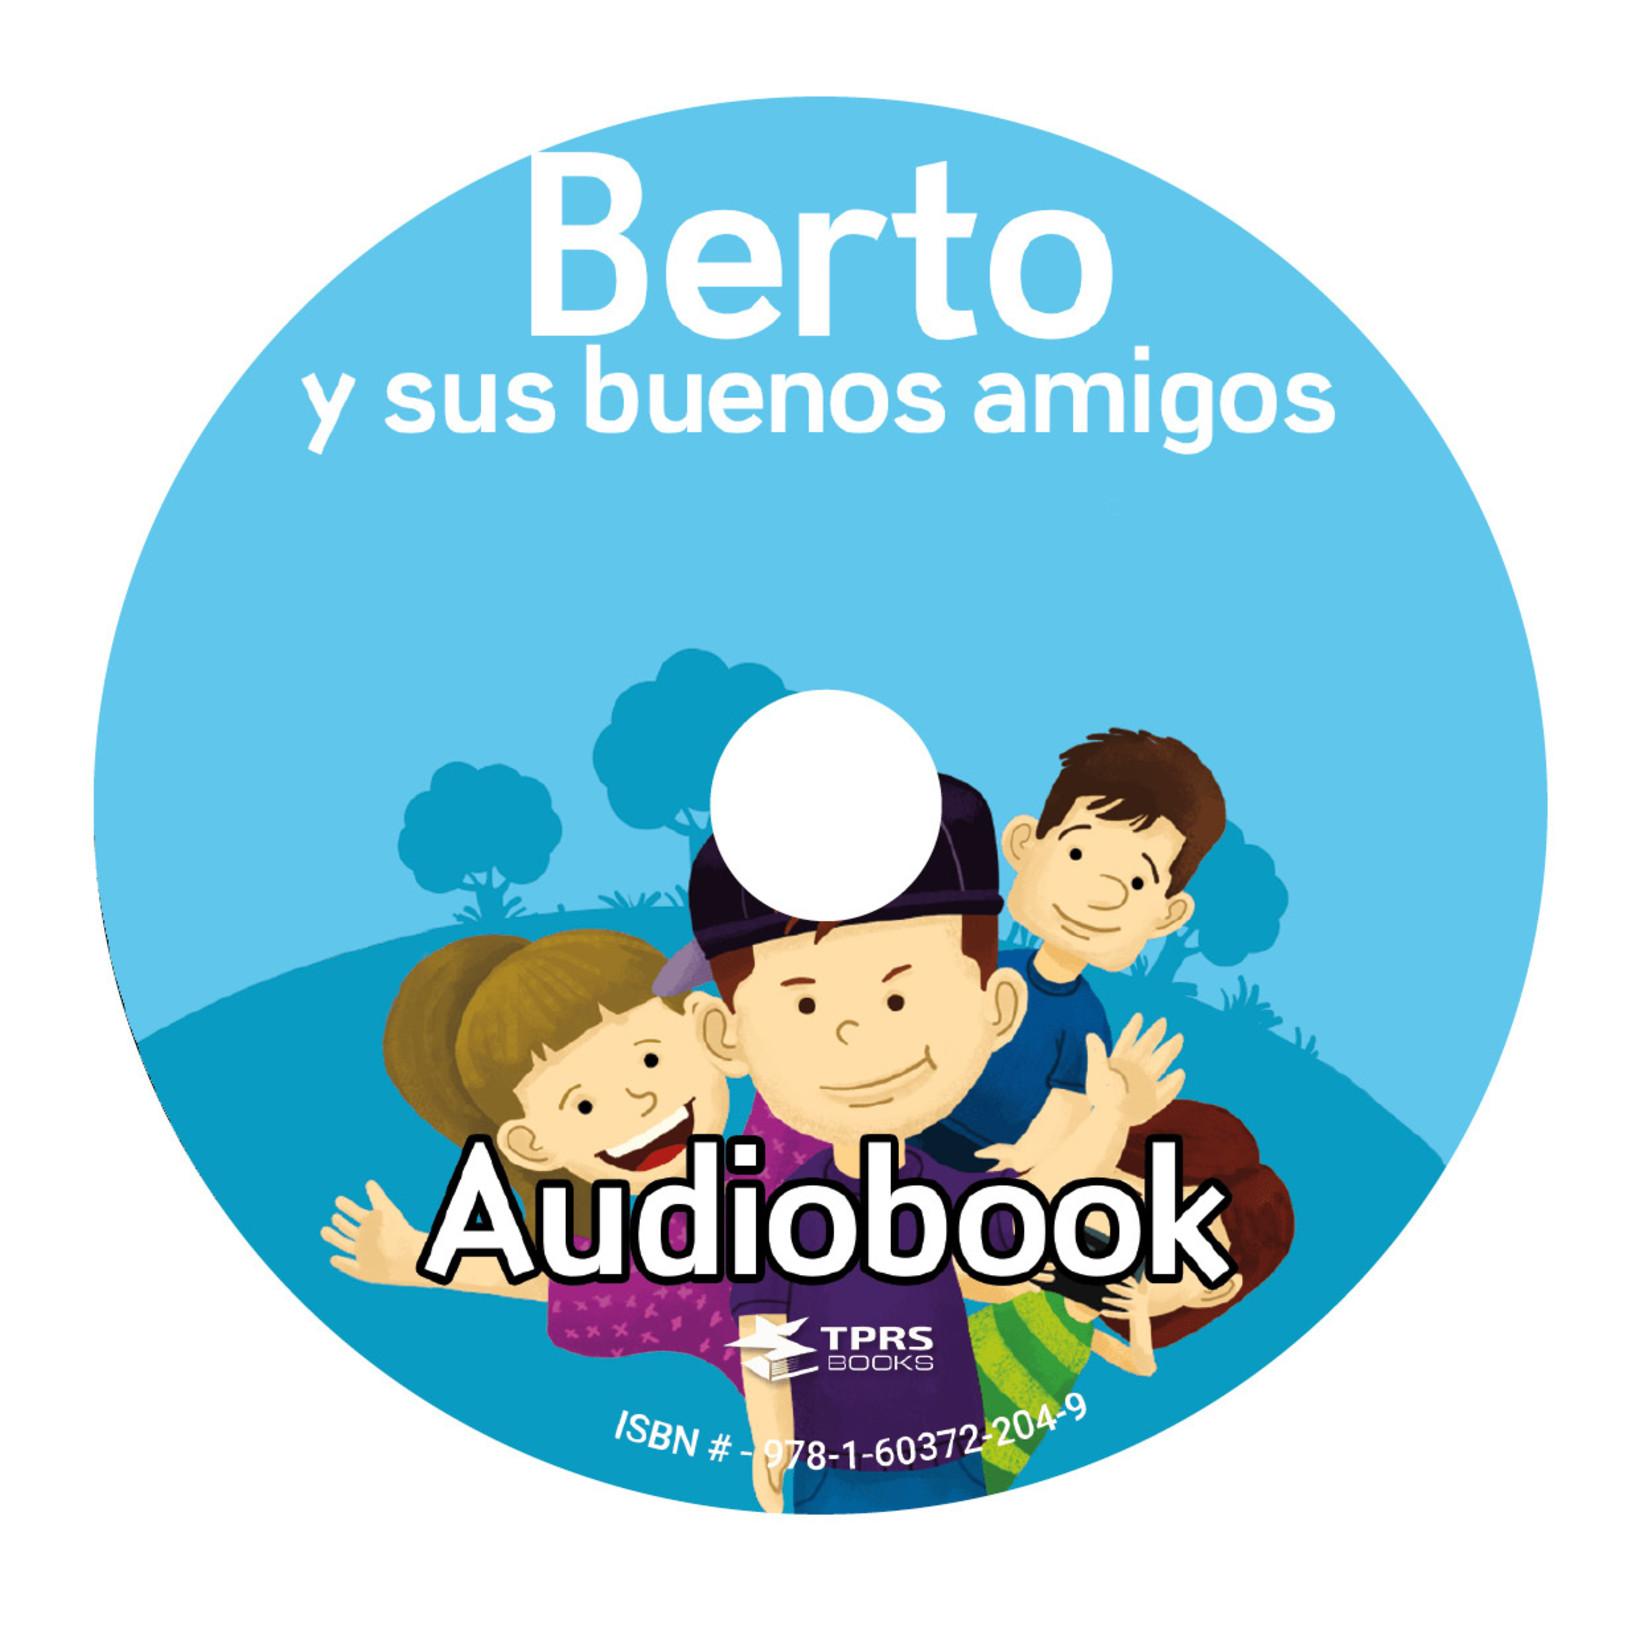 TPRS Books Berto y sus buenos amigos - Audio Book